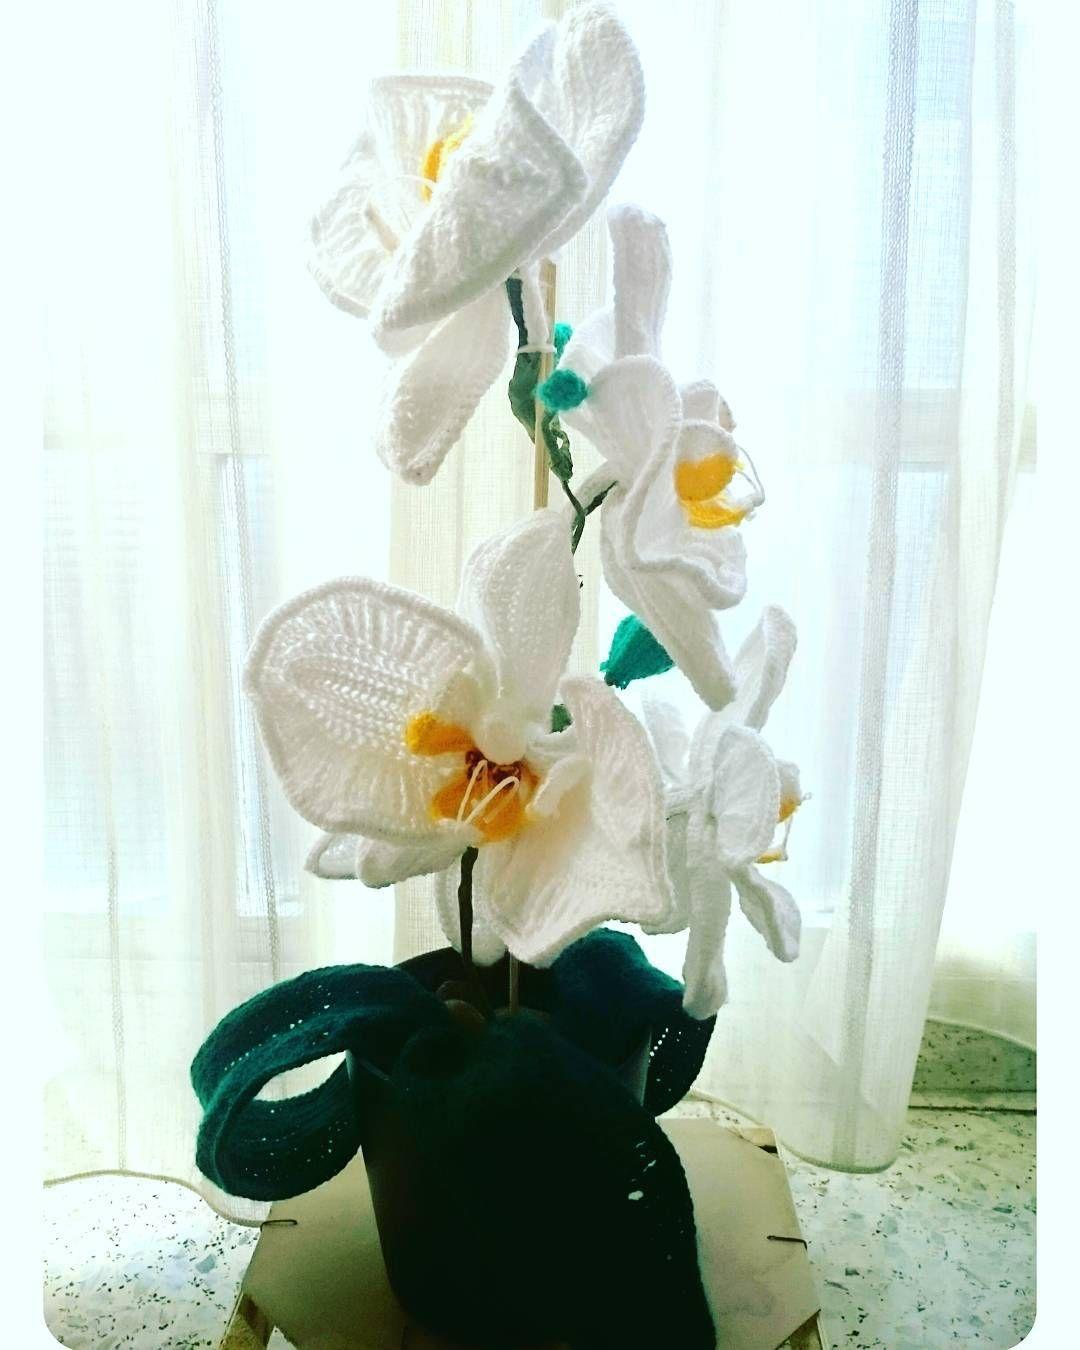 Y así finalmente quedó la orquídea del día de la Madre (se me había olvidado enseňarosla)  Si alguien desea una que no dude en mandarme un mensaje y hablamos   Feliz noche chicos    Crochet Phalaenopsis by charge.  #crochet #crochetersofinstagram #phalaenopsis #orchid #orquídea #orquidea #handmade #artesanal #flores #flowers #flower #instacrochet #gift #regalo by frikilandandmore